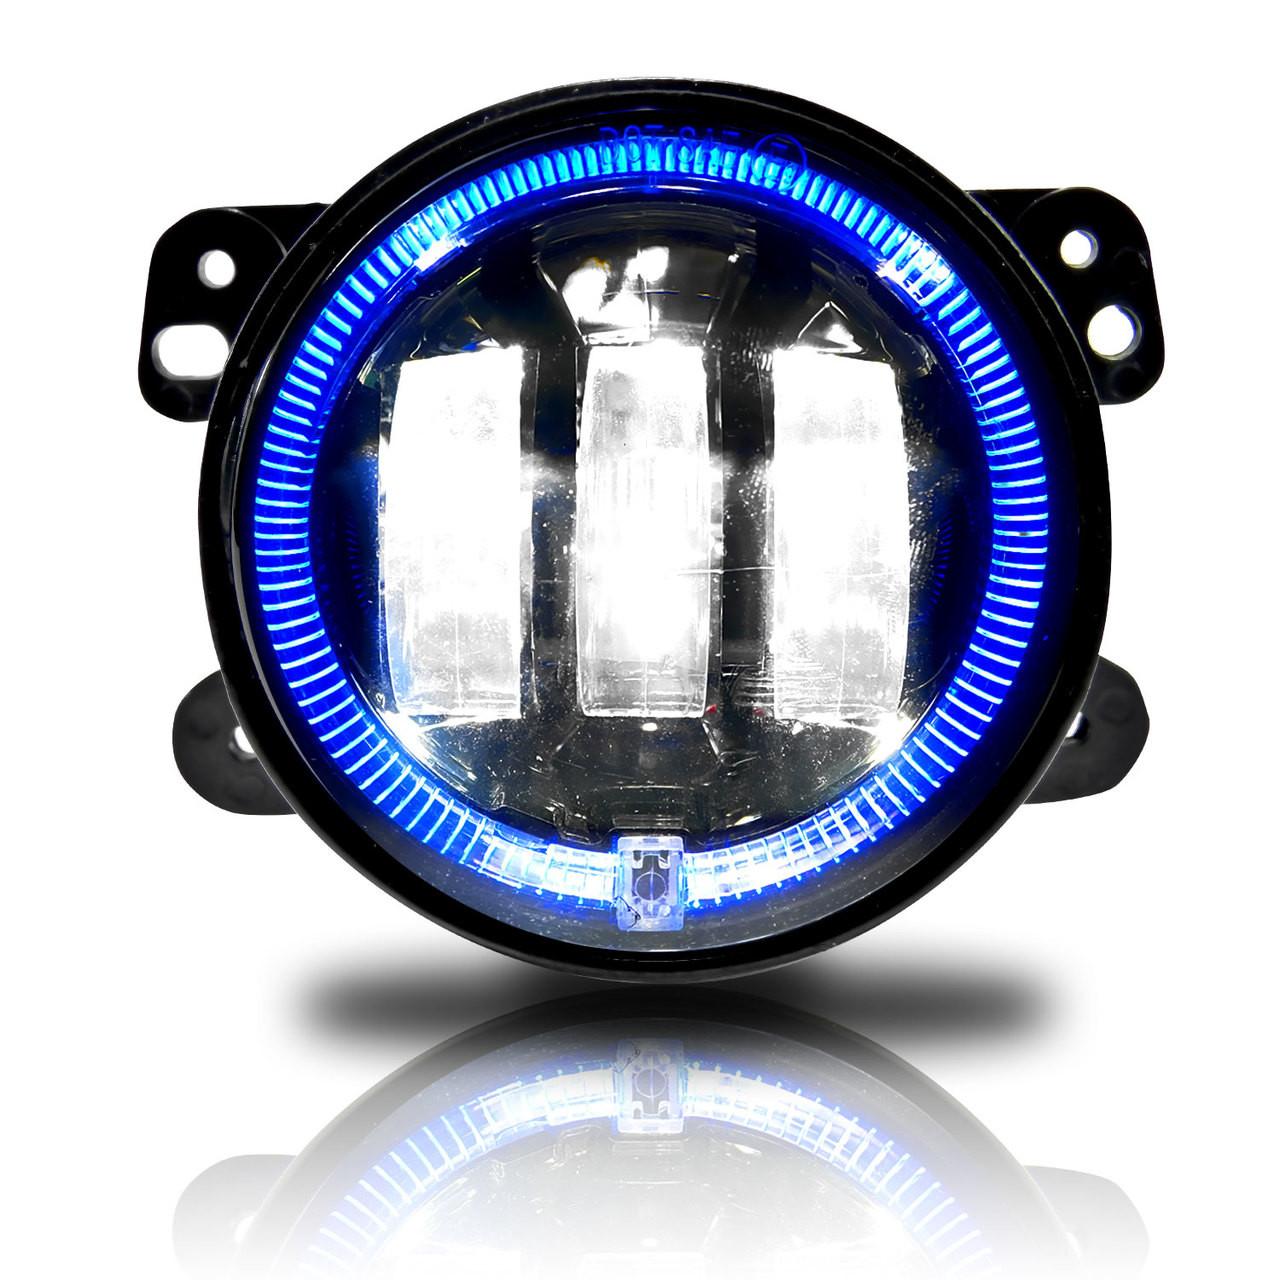 hight resolution of 4 inch led blue halo fog lamp lights for jeep wrangler jk